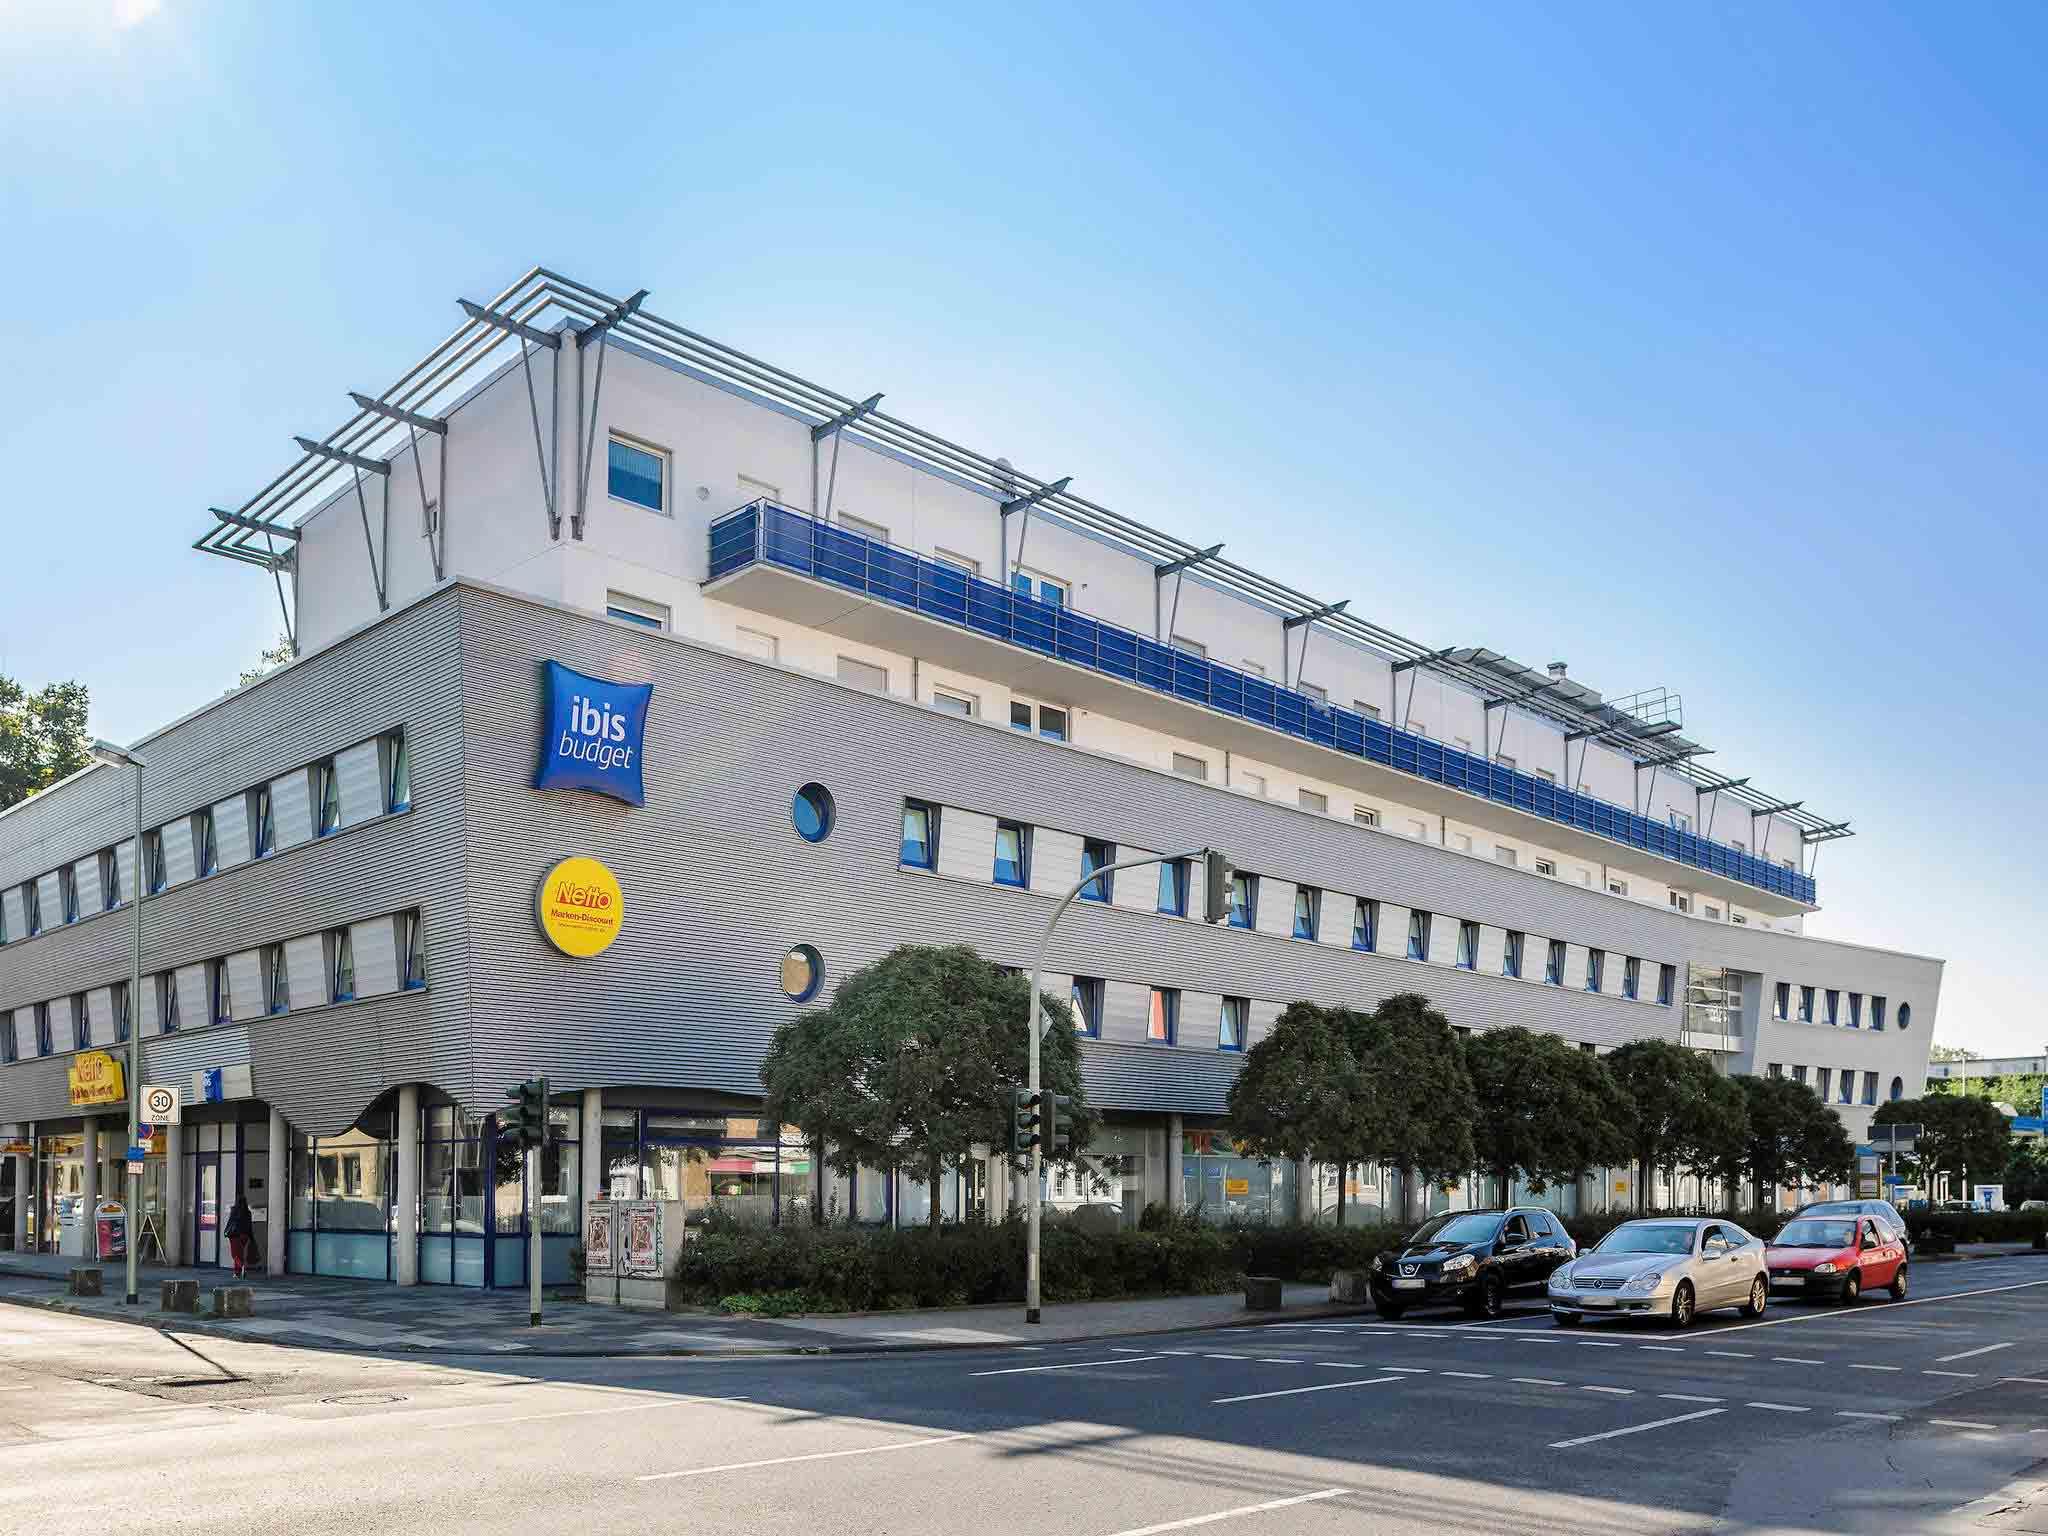 ホテル – イビスバジェットデュースブルクシティアムインネンハーフェン